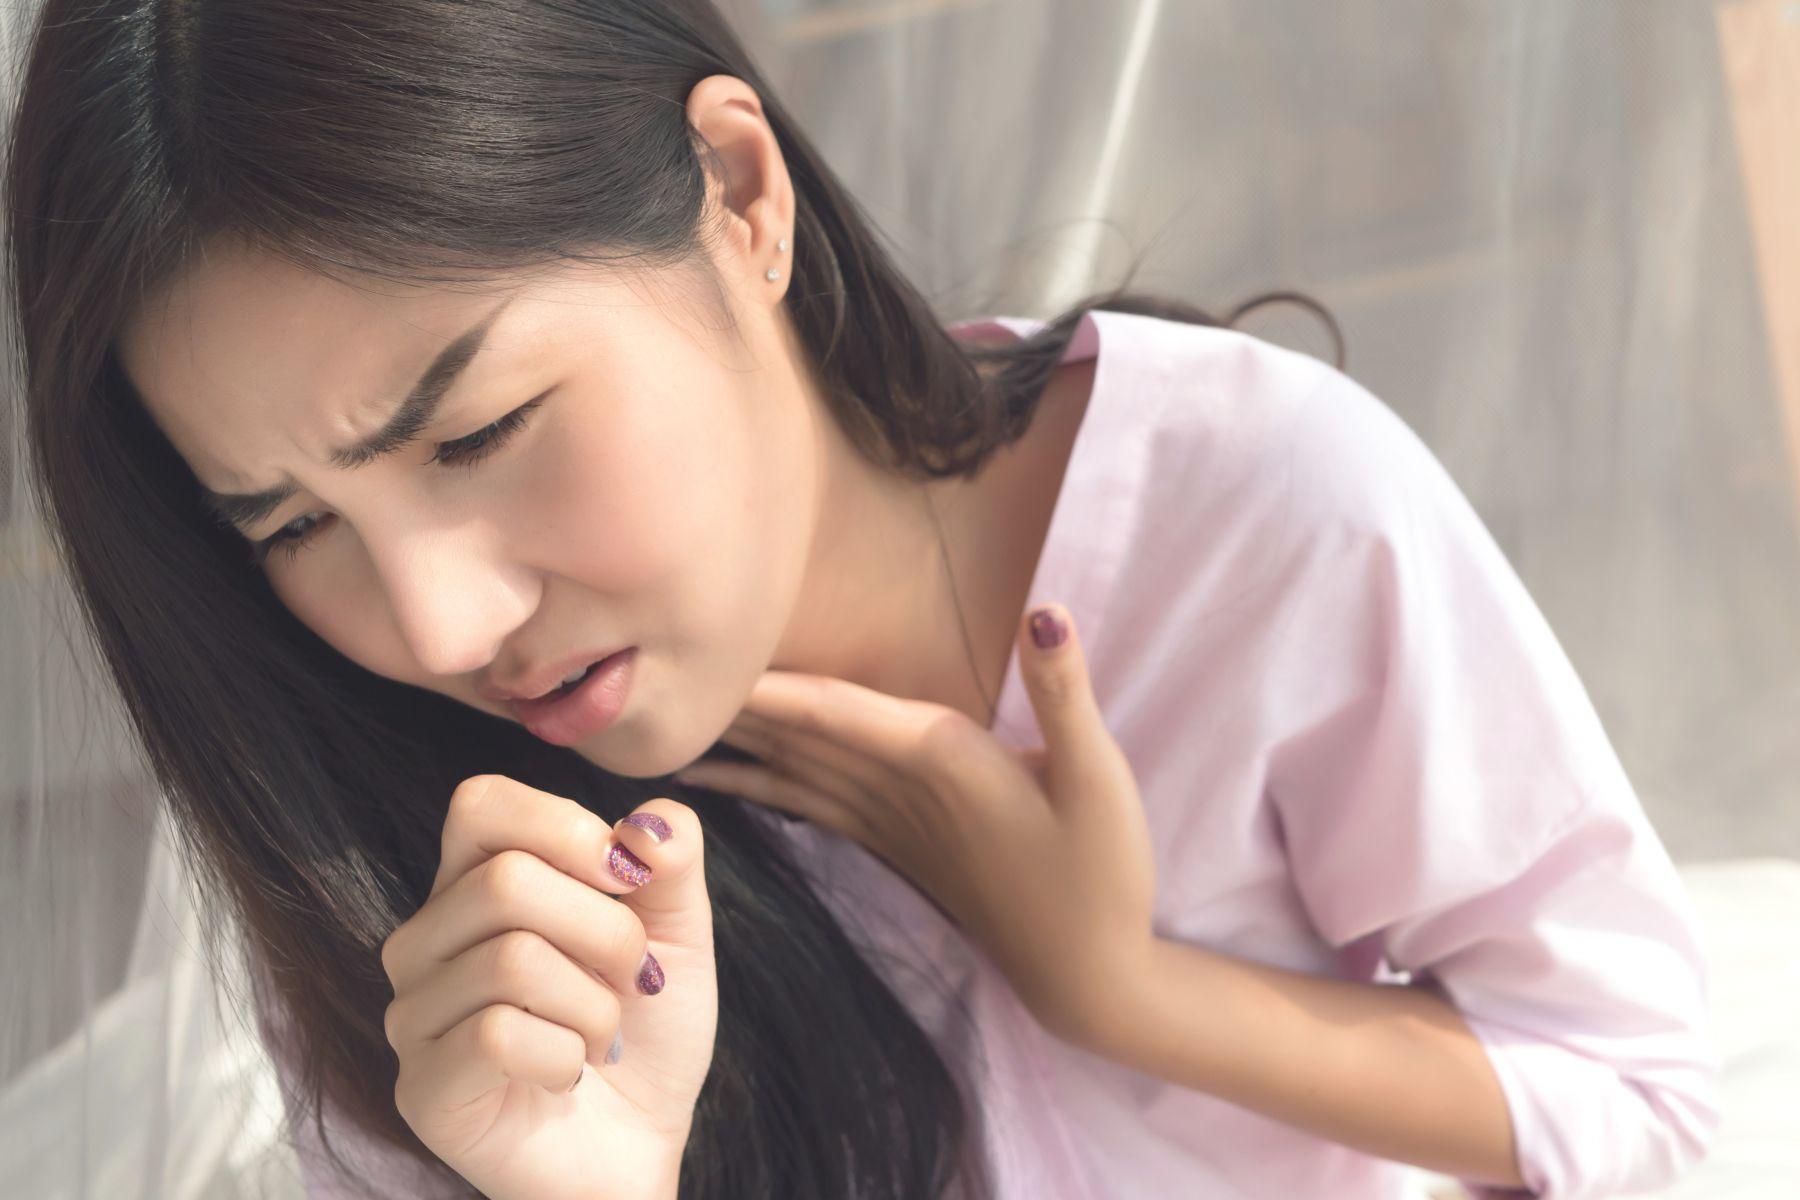 久咳並非感冒,而是肺癌!醫師曝高血壓、心臟病8大危機警訊